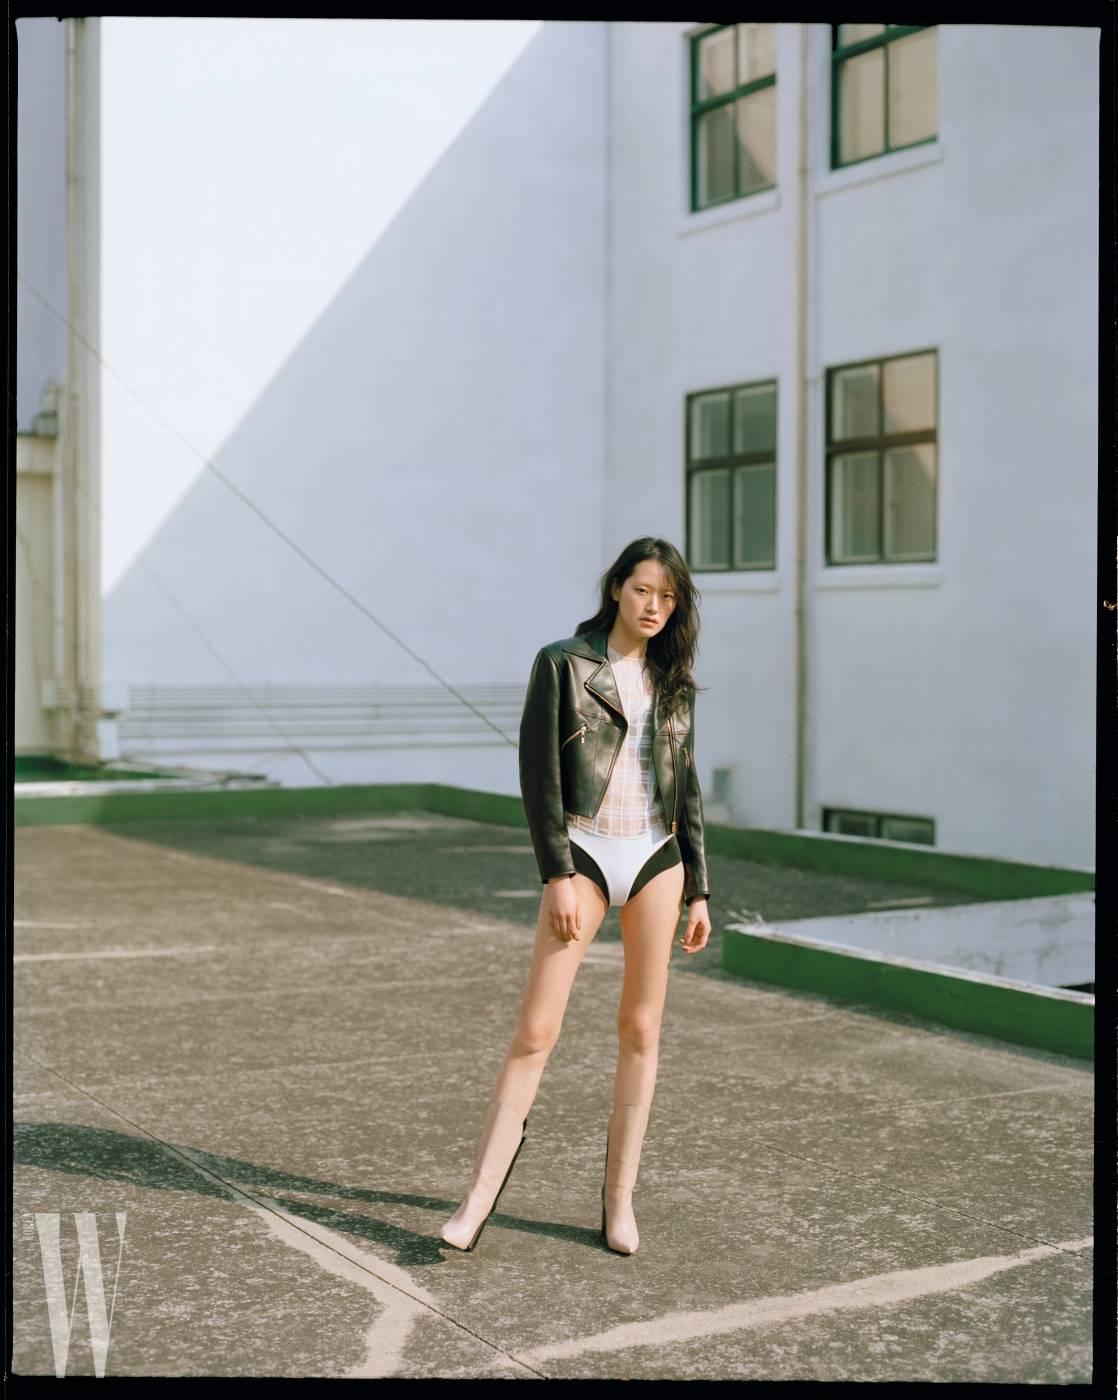 부드러운 가죽 바이커 재킷은 6백60만원, 흰색 시스루 보디슈트는 3백60만원, 앵클부츠는 가격 미정. 모두 루이 비통 제품.